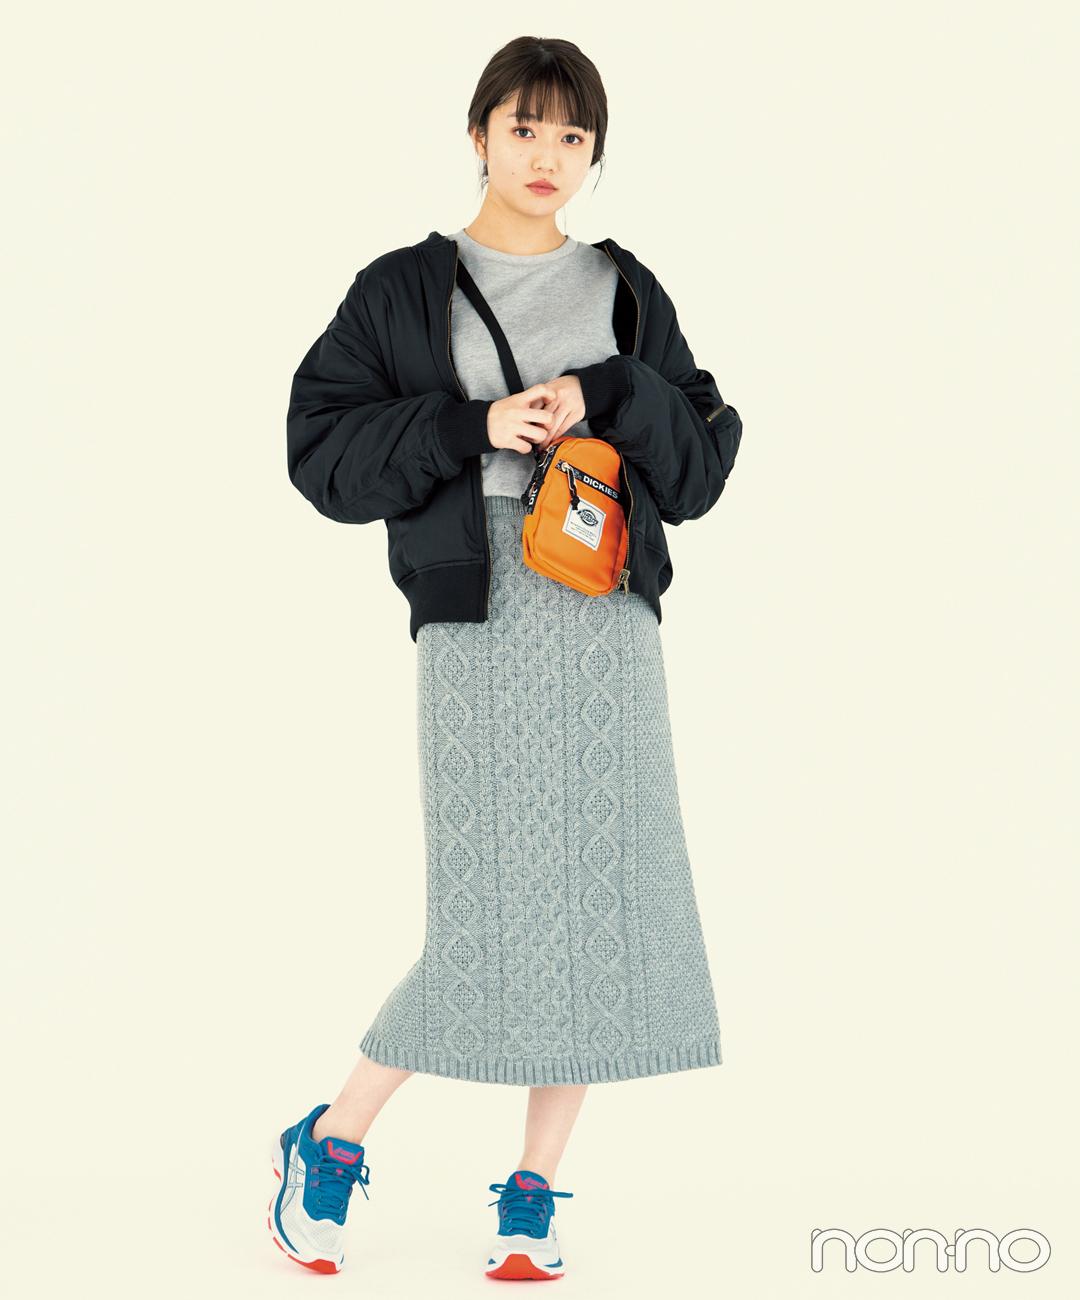 【タイトスカートコーデ3】スウェット×タイトスカート